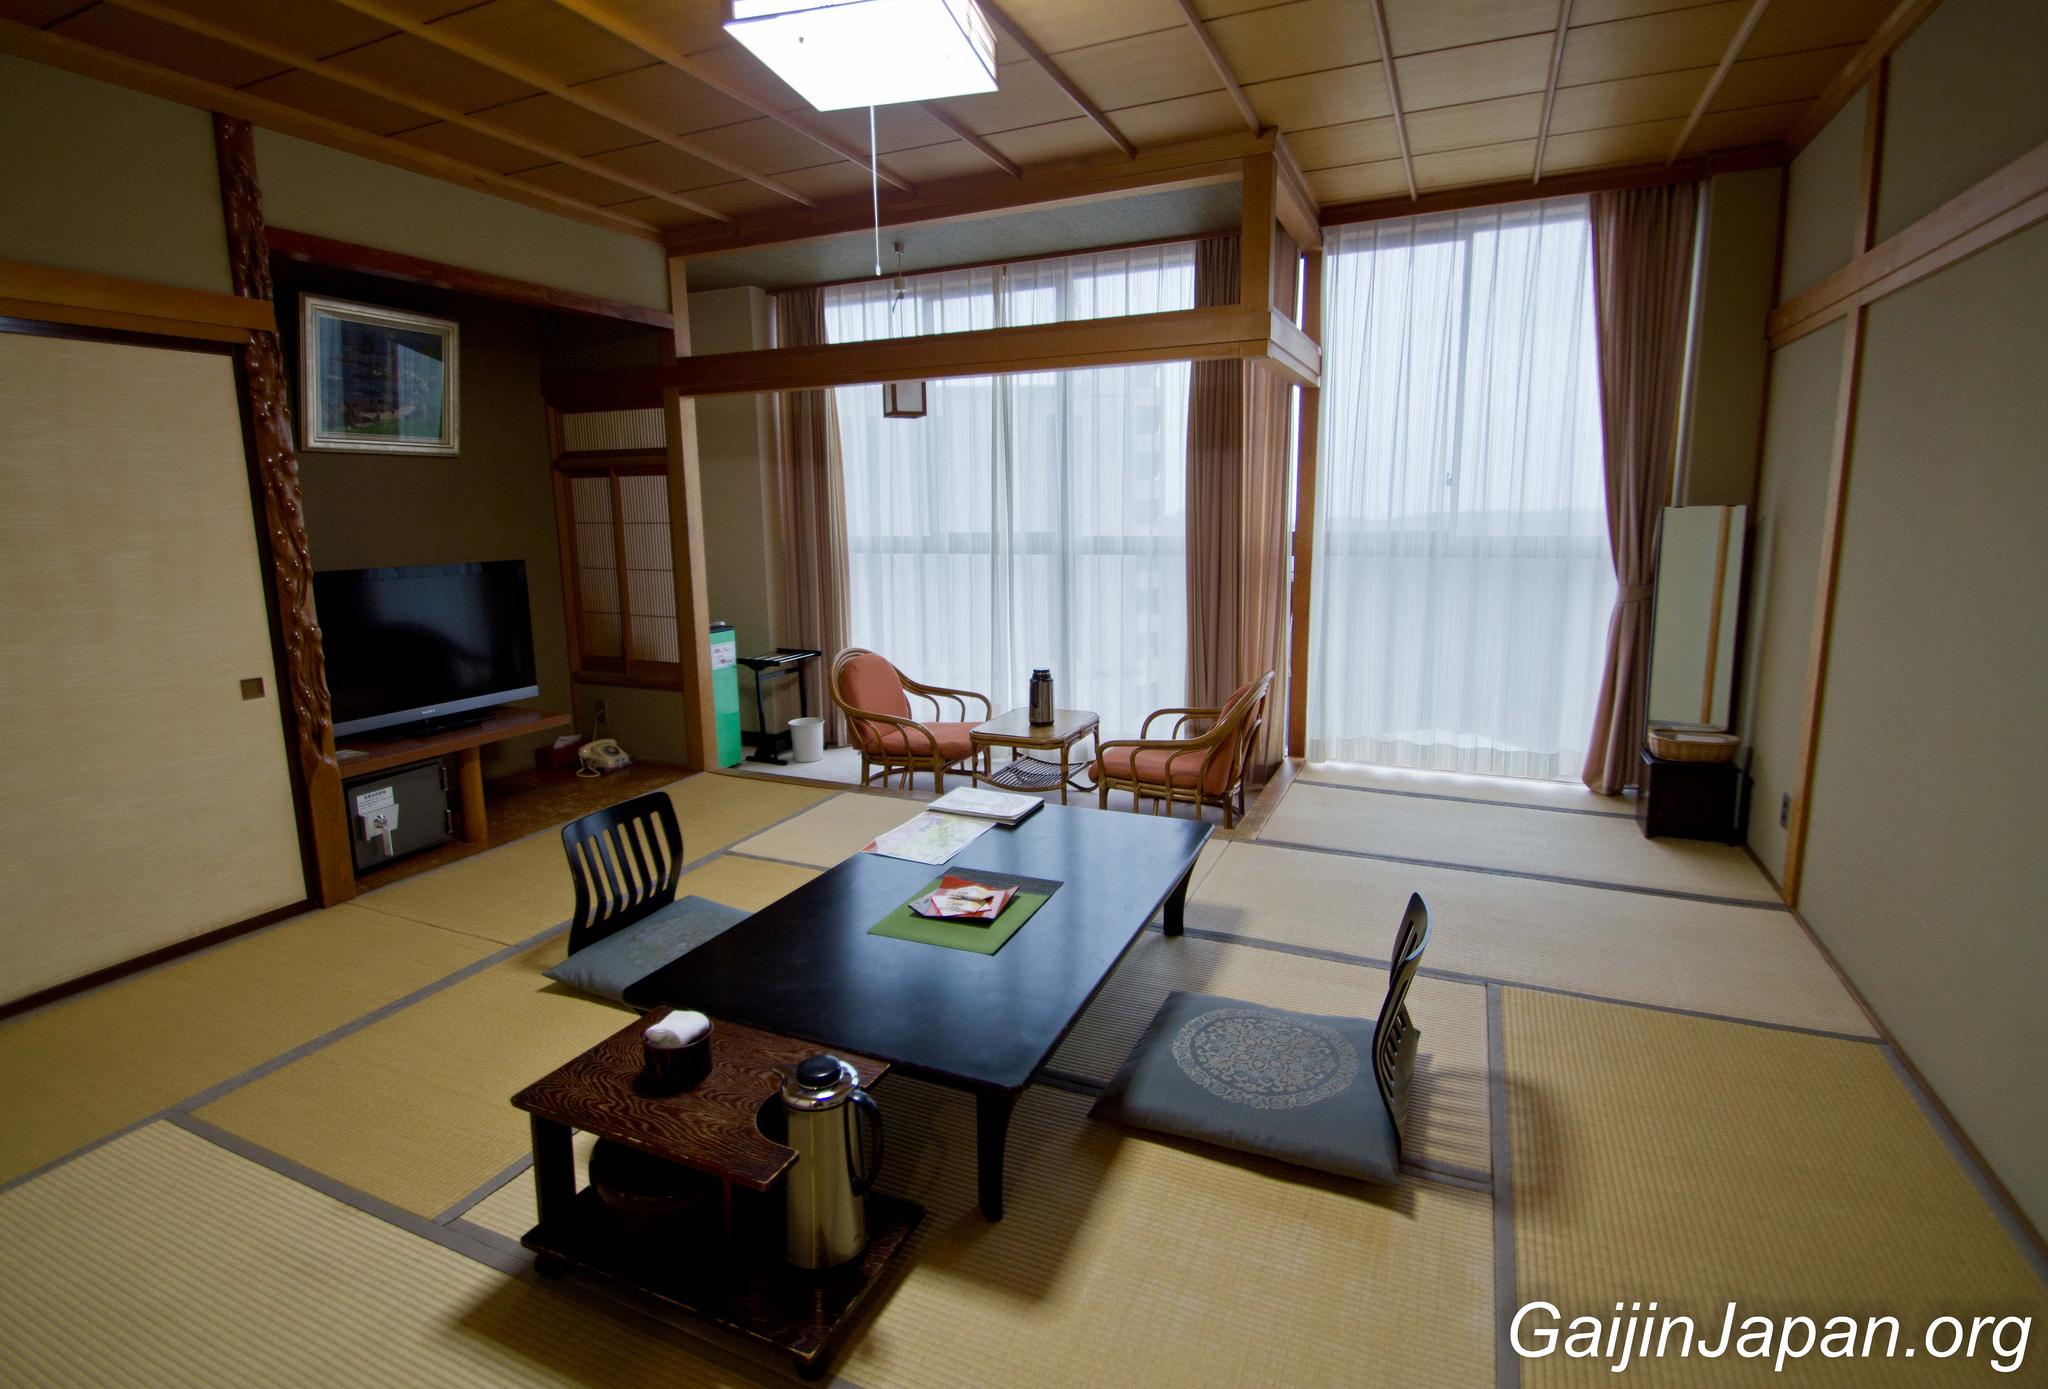 acheter appartement kyoto